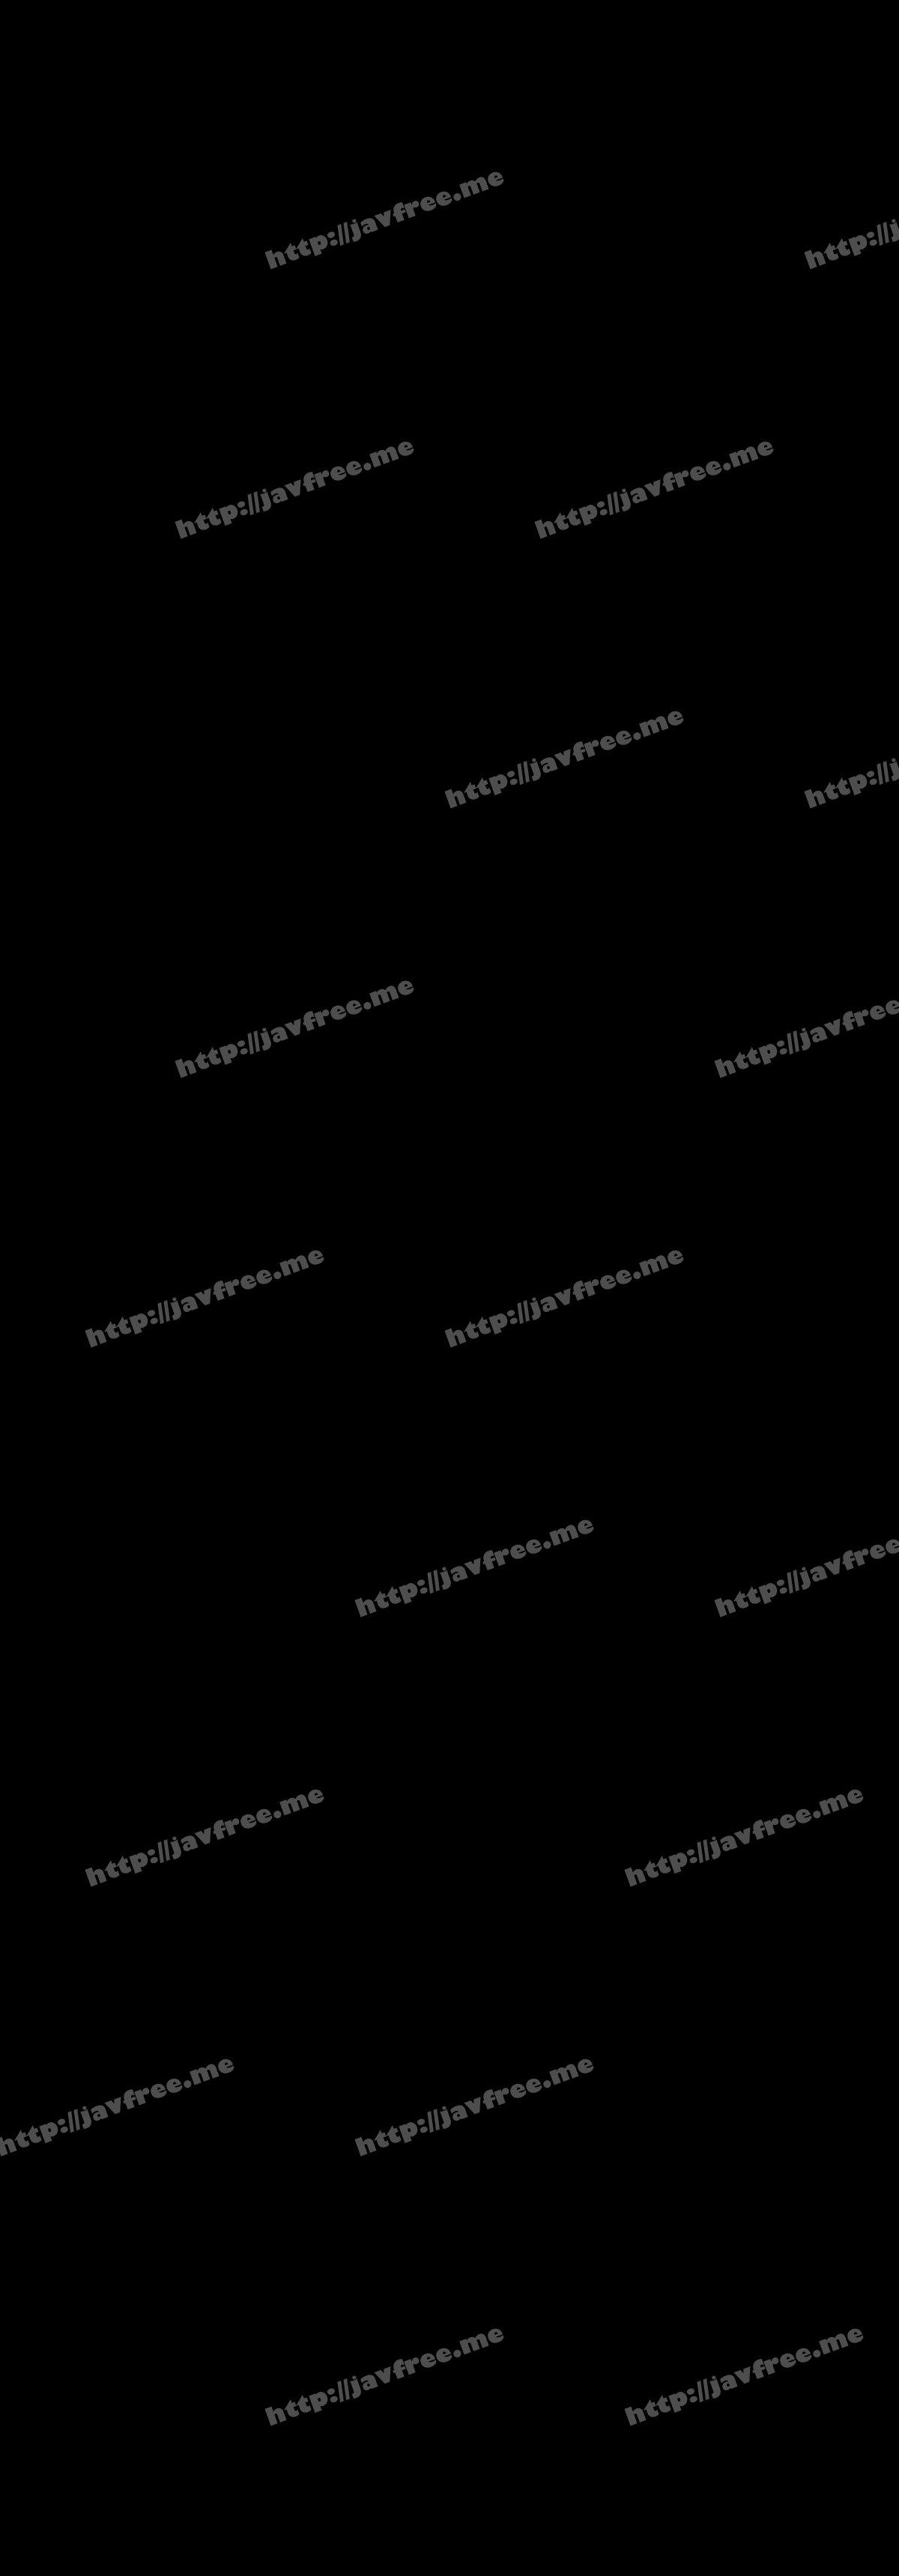 [HD][VRTM-444] 航空会社勤務の黒パンスト穿いたデカ尻姉に媚薬と睡眠薬を同時に飲ませた!キャビンアテンダントの制服姿で眠る姉を拘束固定バイブ!覚醒したカラダは弟に激ピストンされ膝をガクガクさせながら何度もイキ乱れた! - image VRTM-444-1080p on /